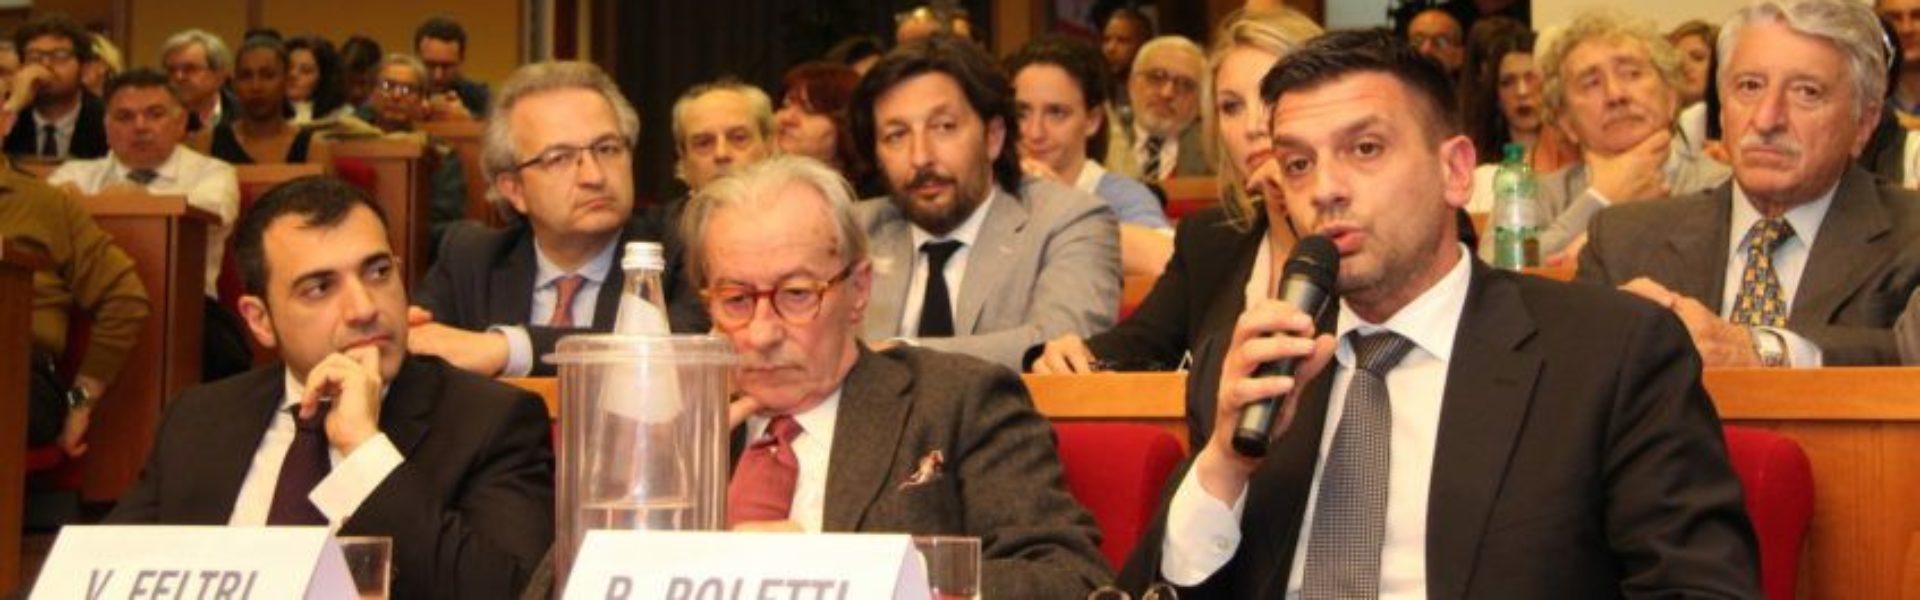 Il blog di Alessio Postiglione